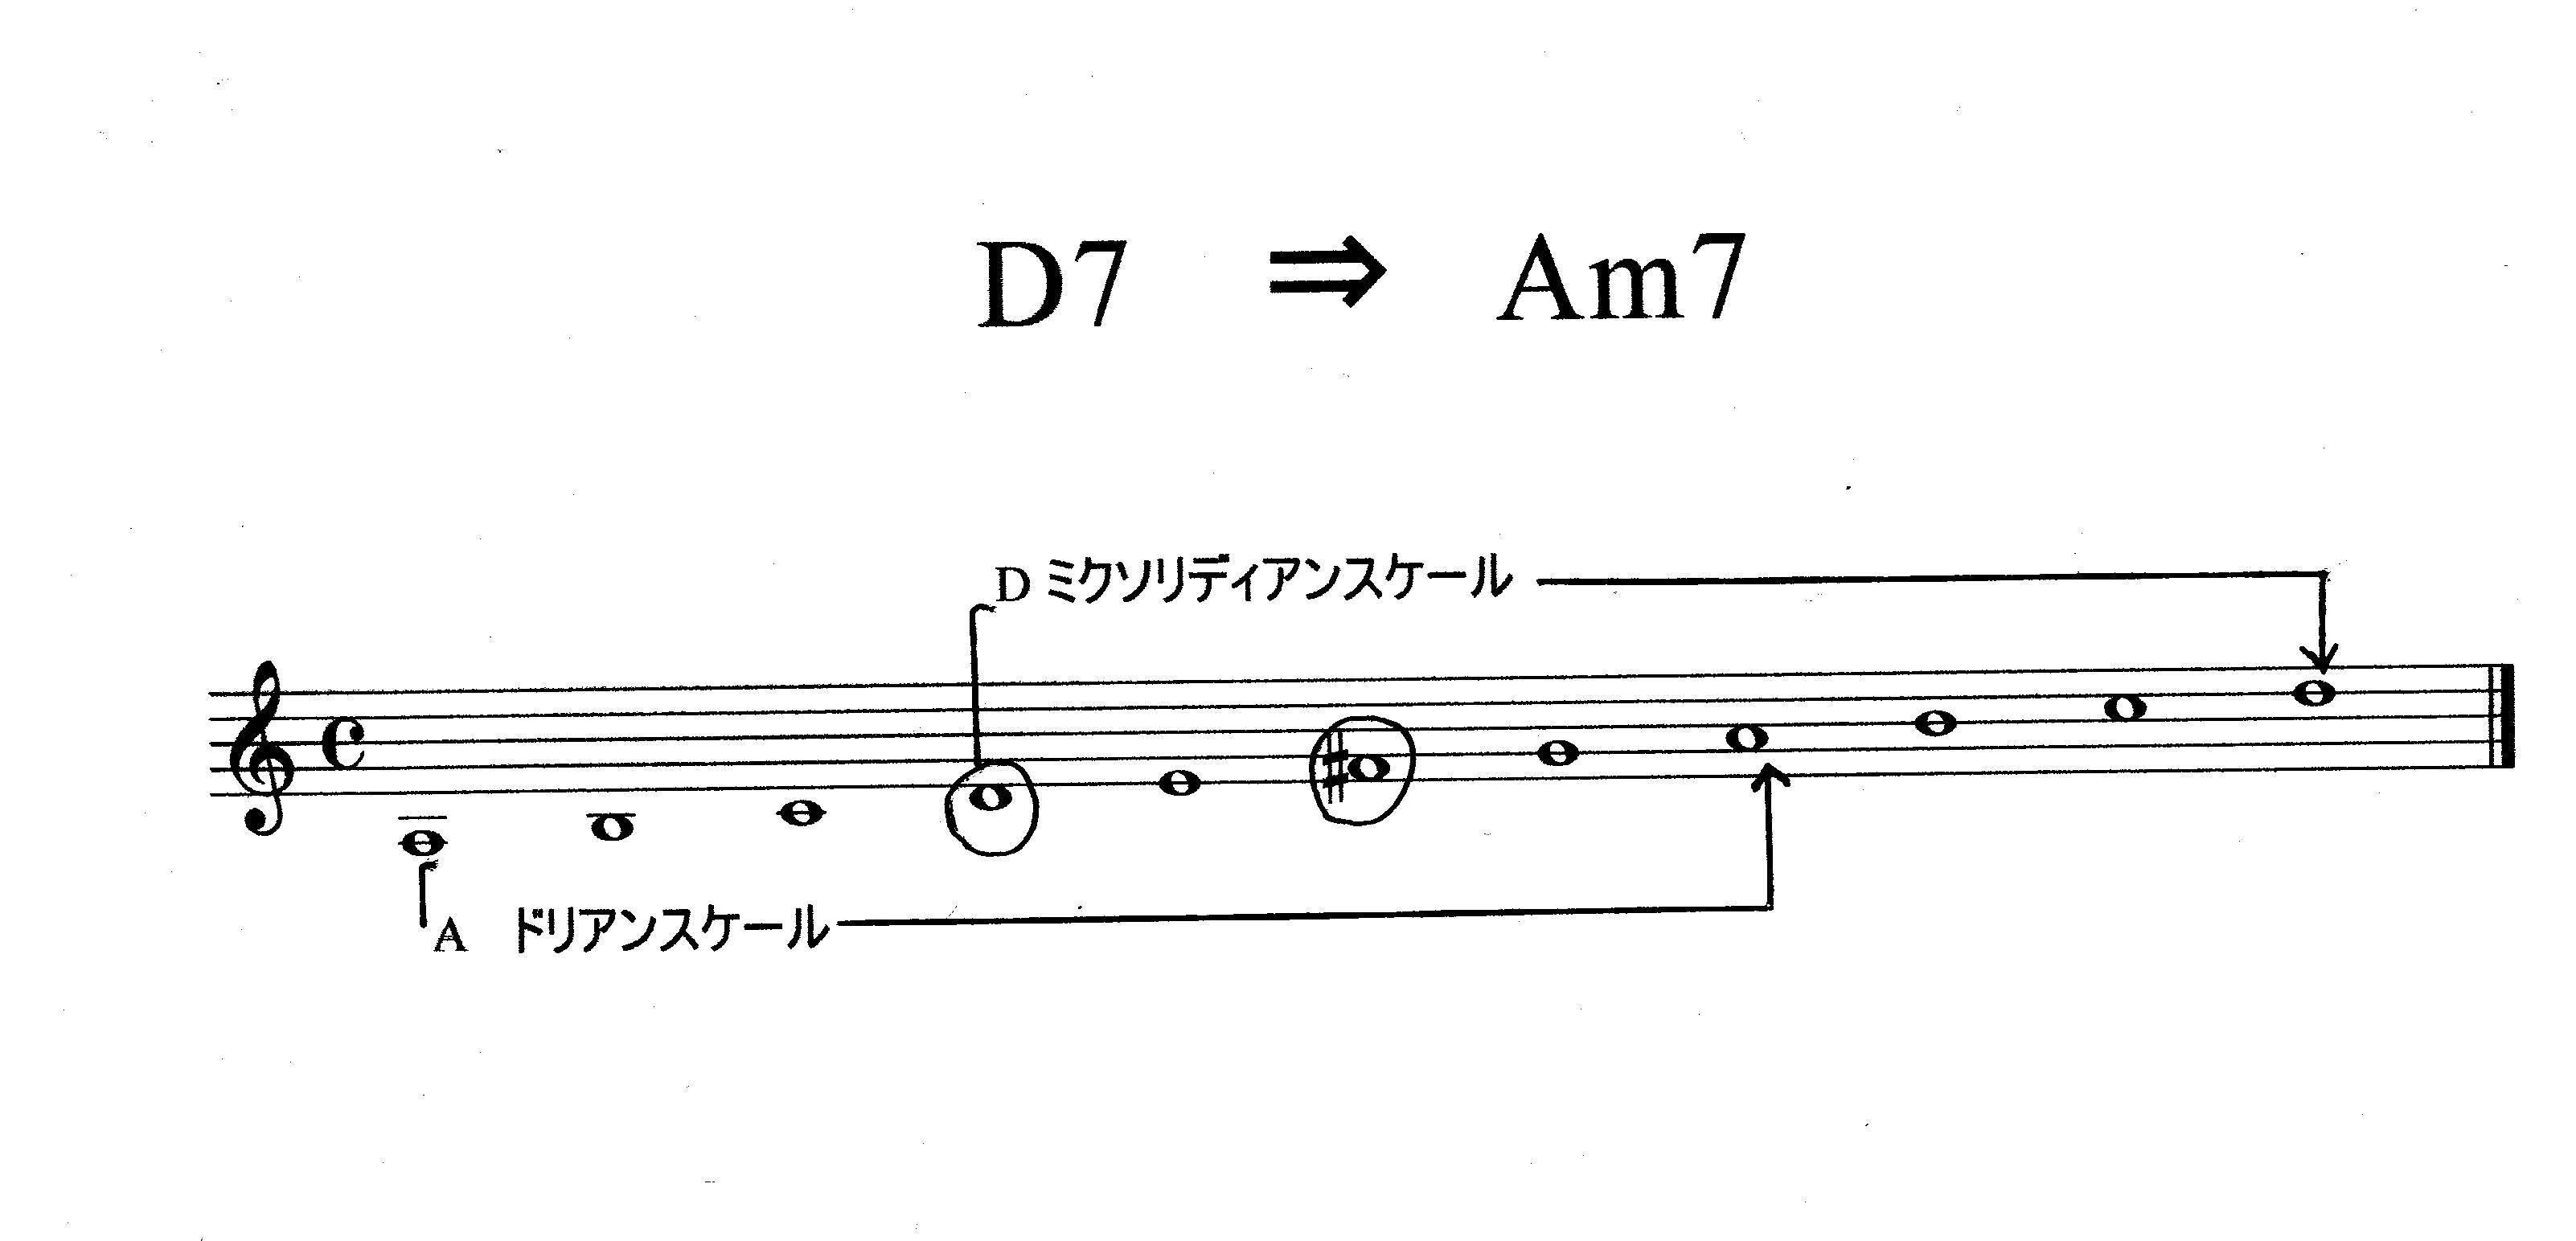 D7 ⇒ Am7